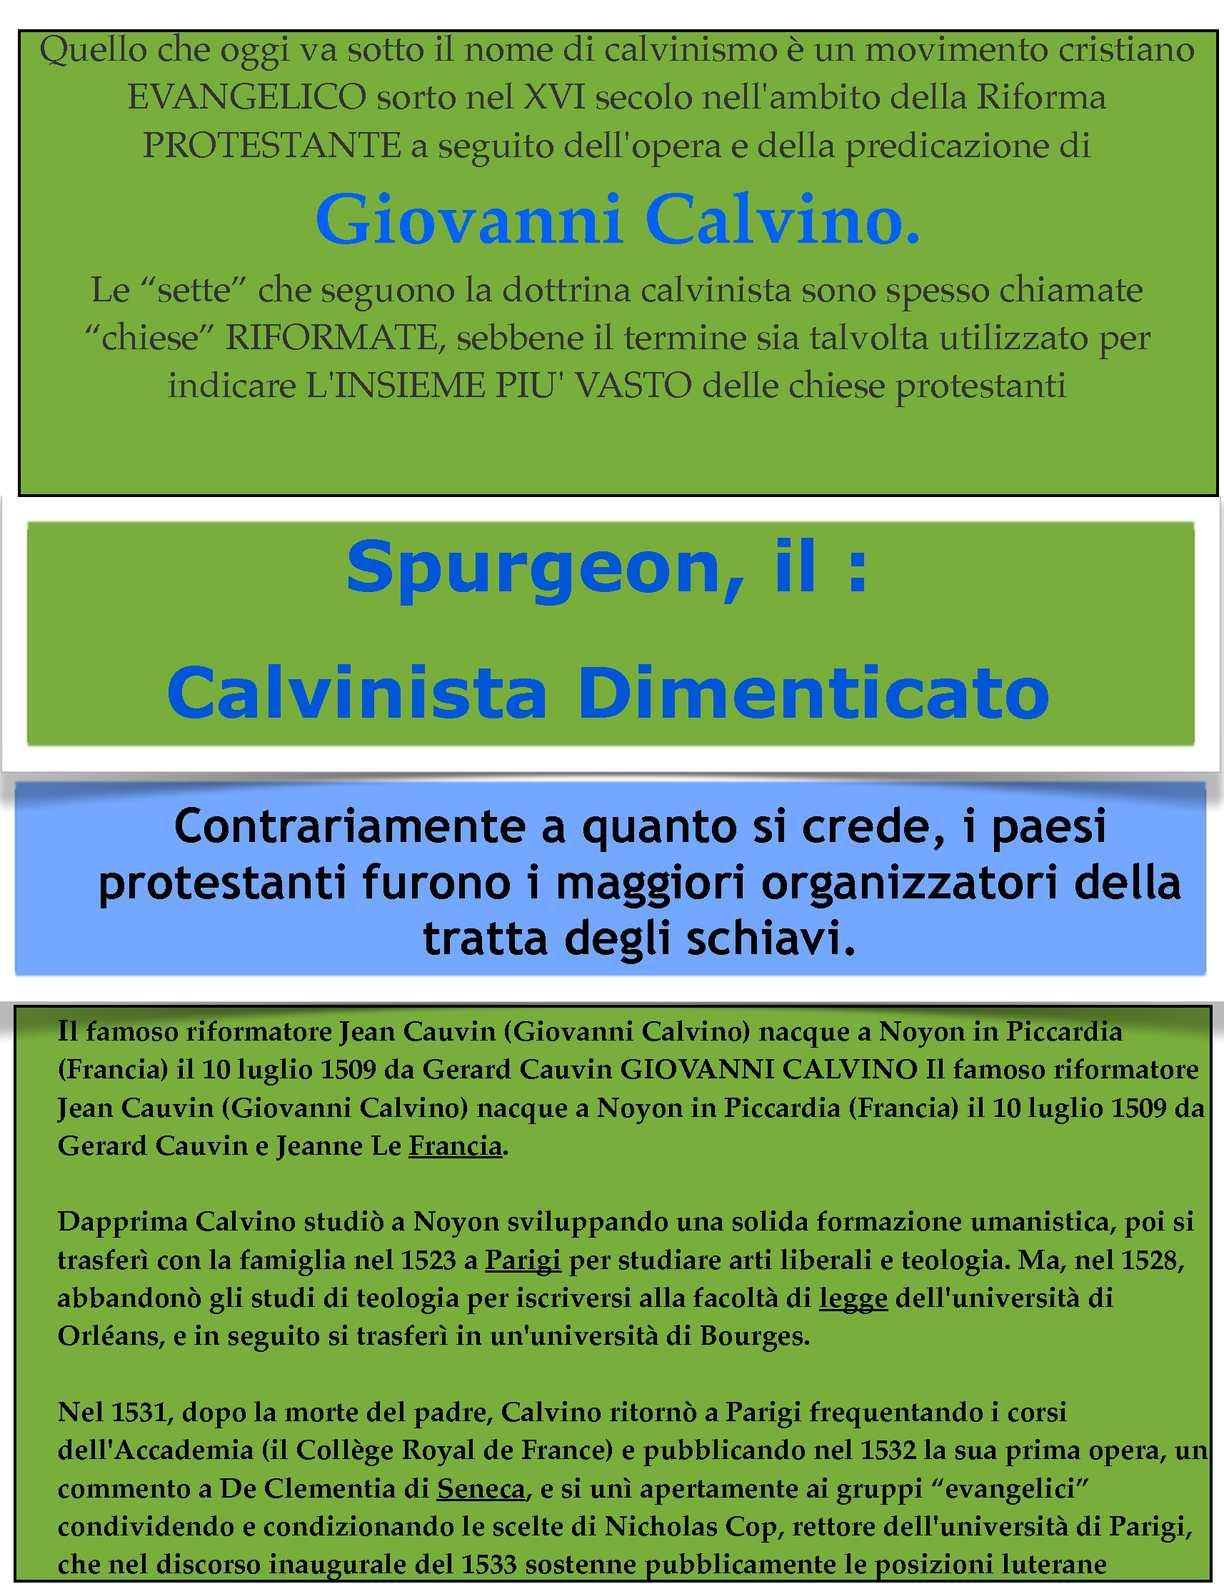 """CALVINO E SPURGEON  """"IL SAPONE DELL' ANTICRISTO CON CUI """"LAVARE"""" LE COSCIENZE..."""""""